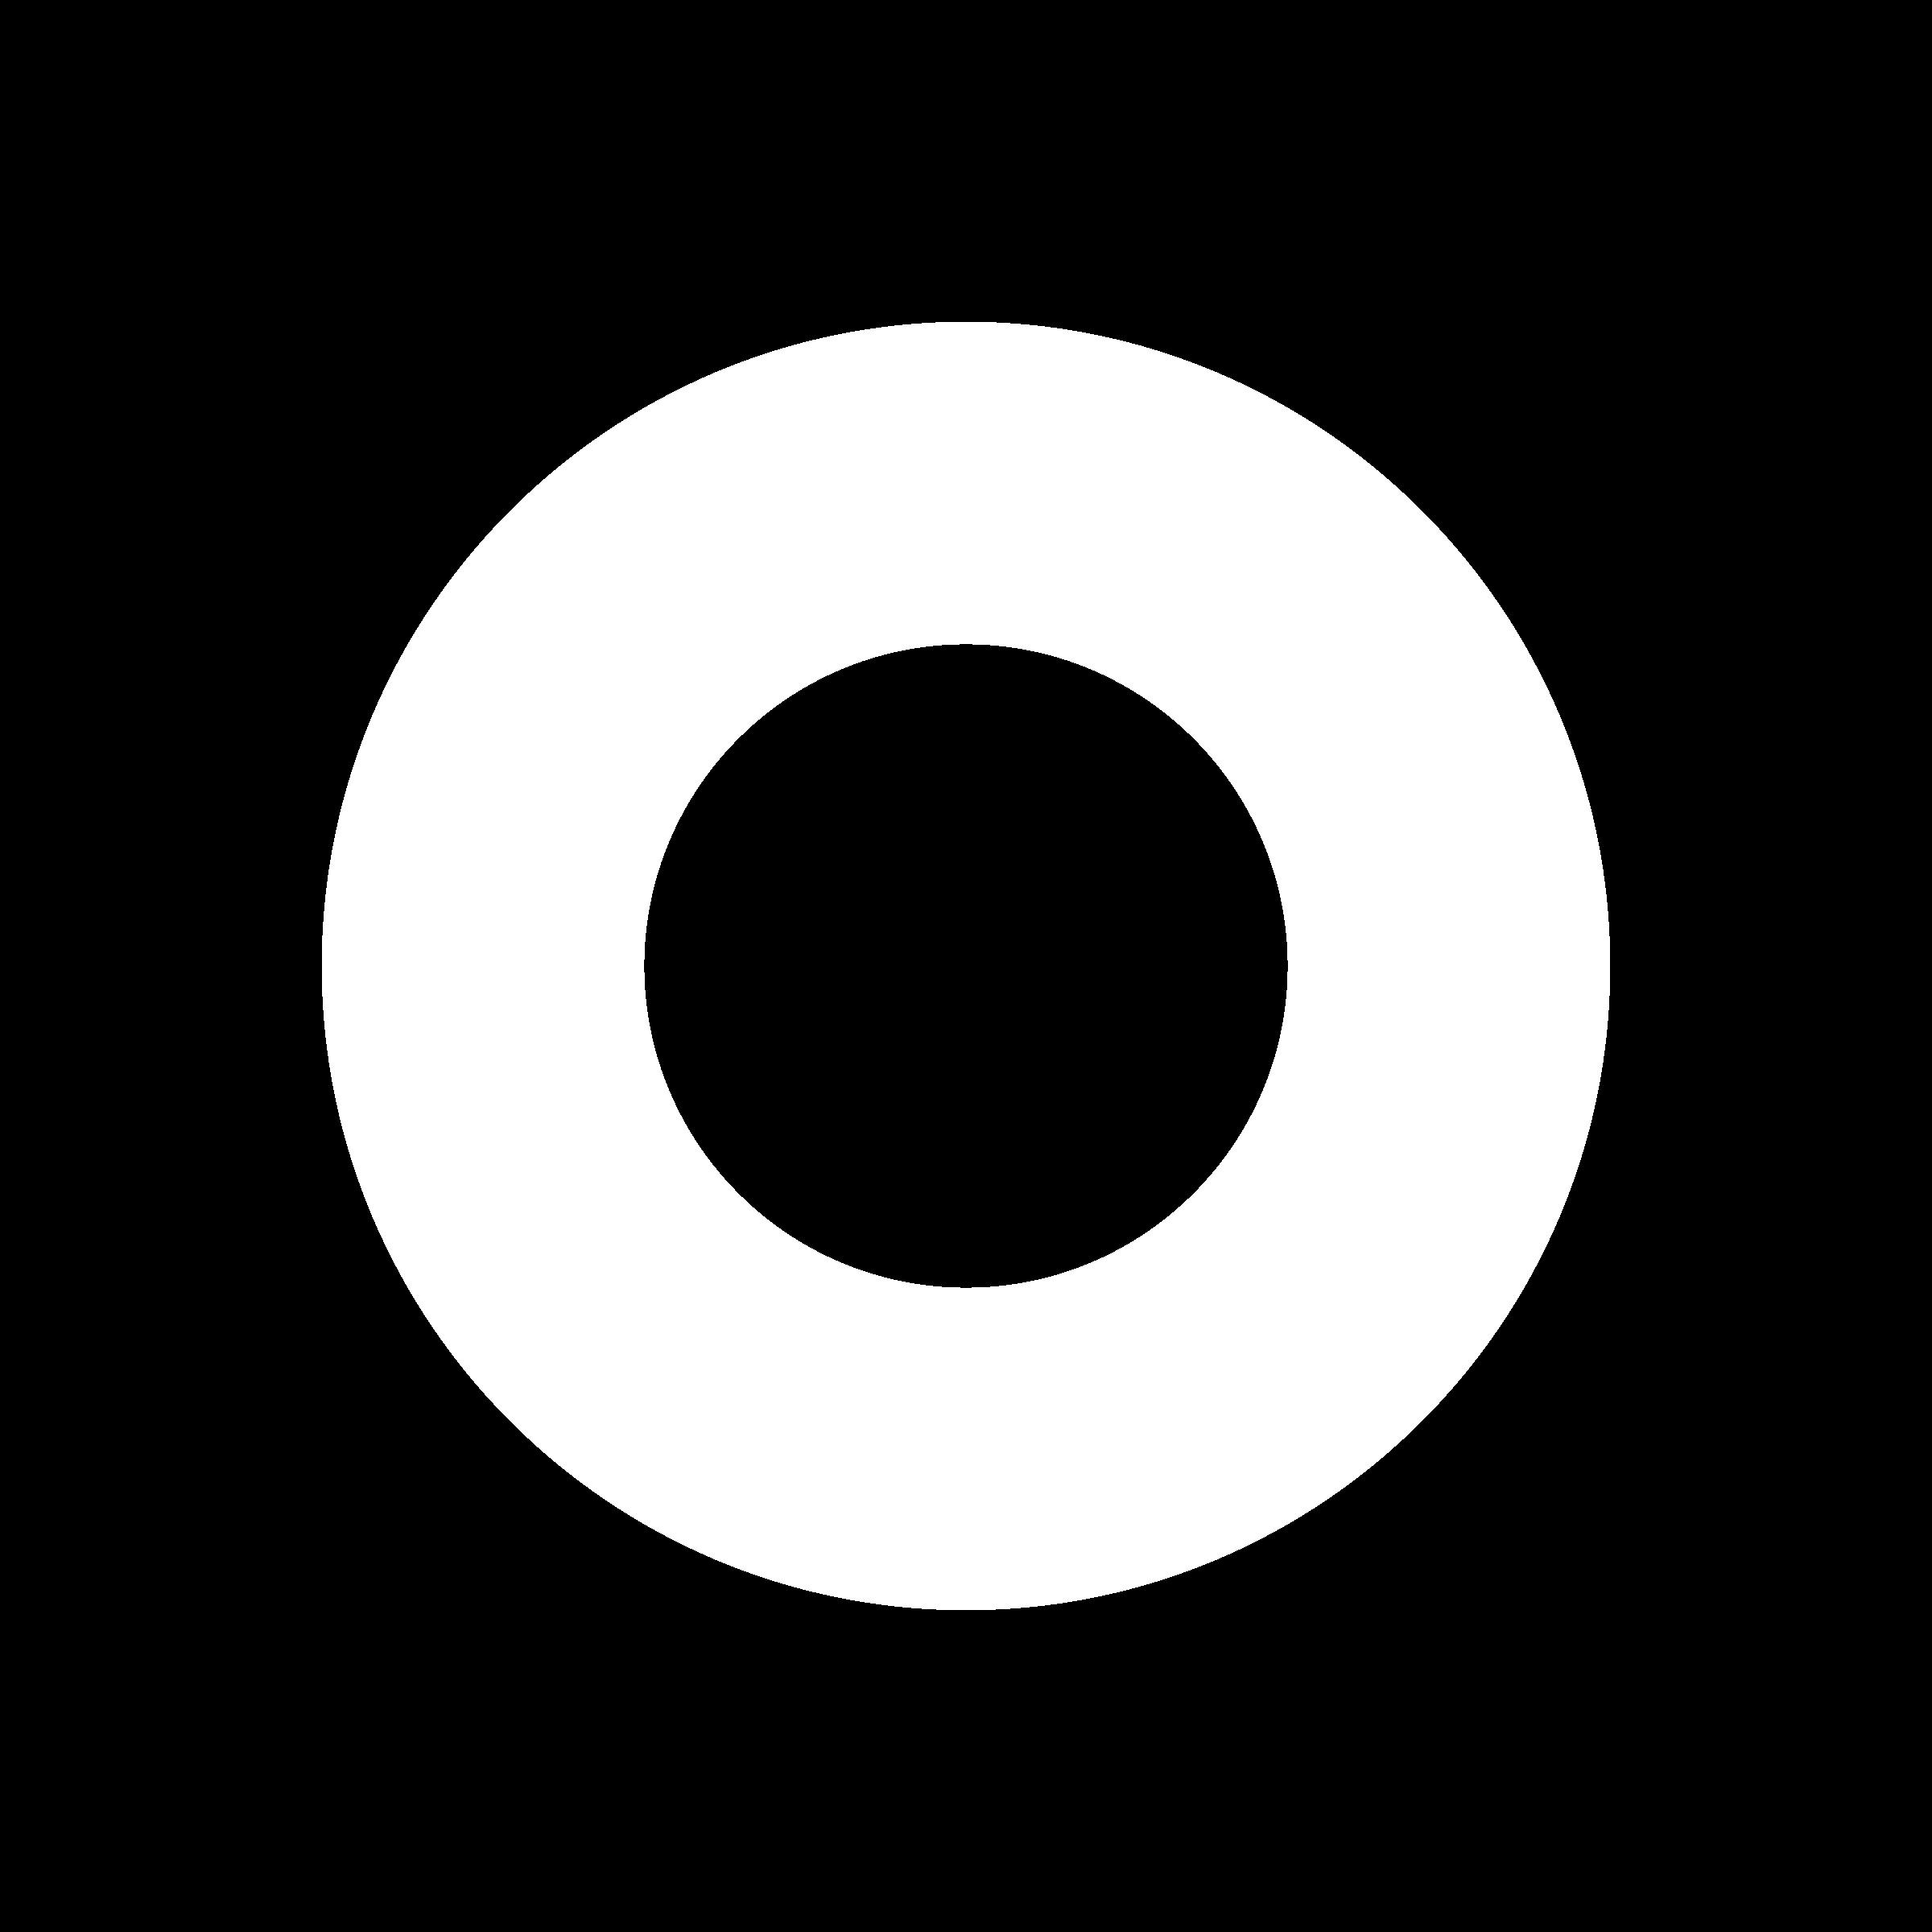 Target Corporation Logo PNG Transparent & SVG Vector ...